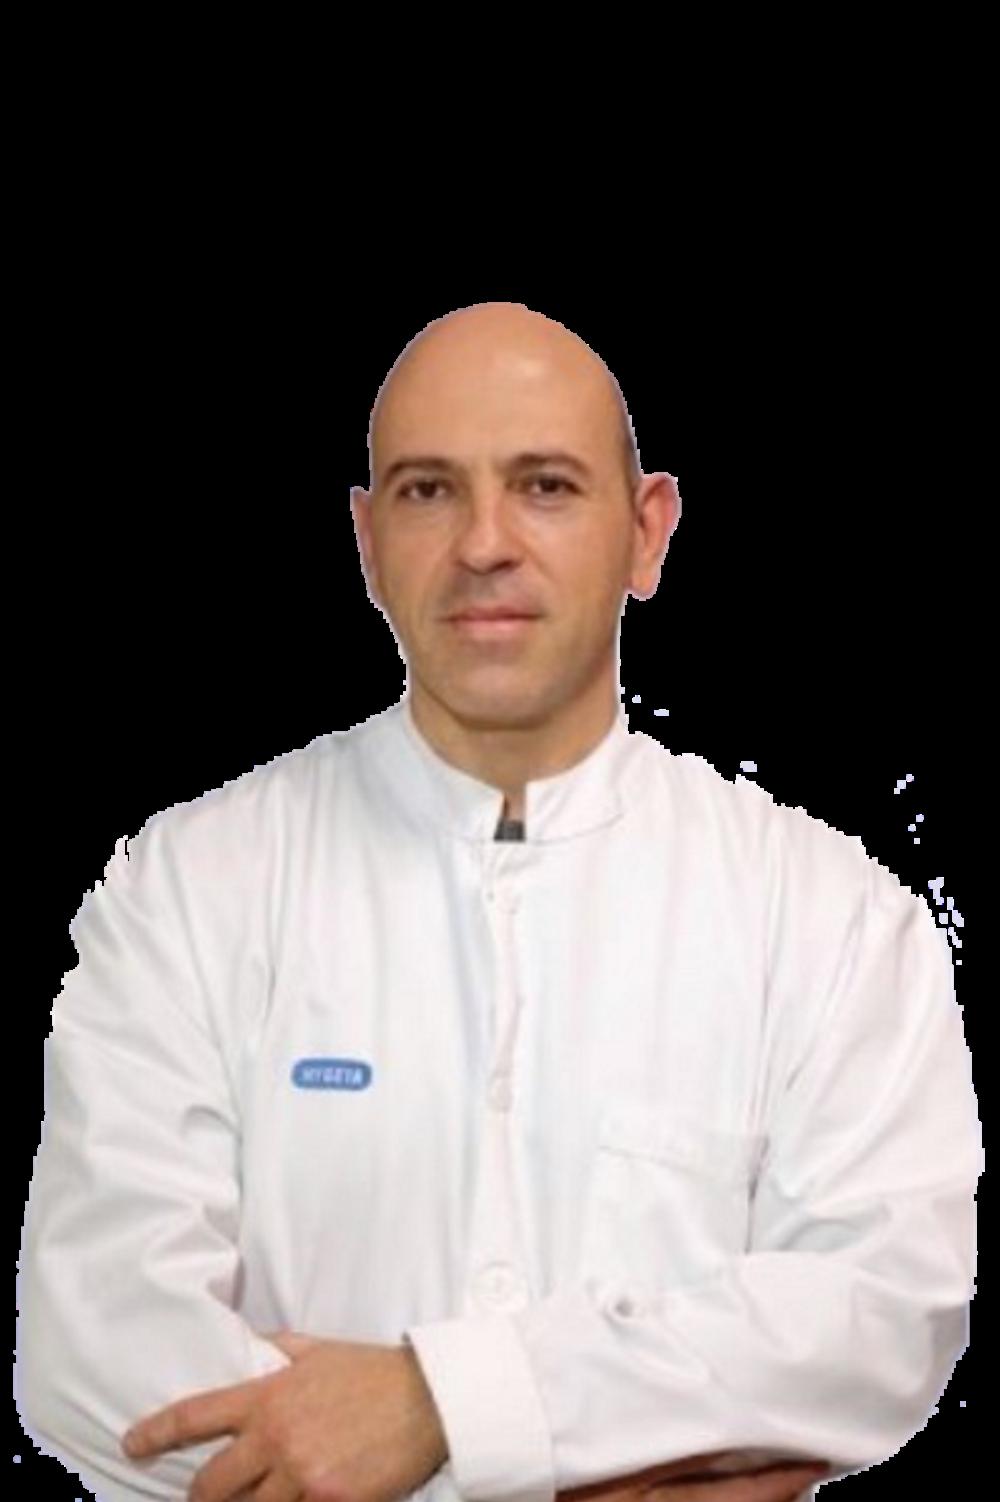 πλαστικός χειρουργός, πλαστικος χειρουργος, καραντώνης, καραντωνης, καραντωνησ, δρ, dr karantonis